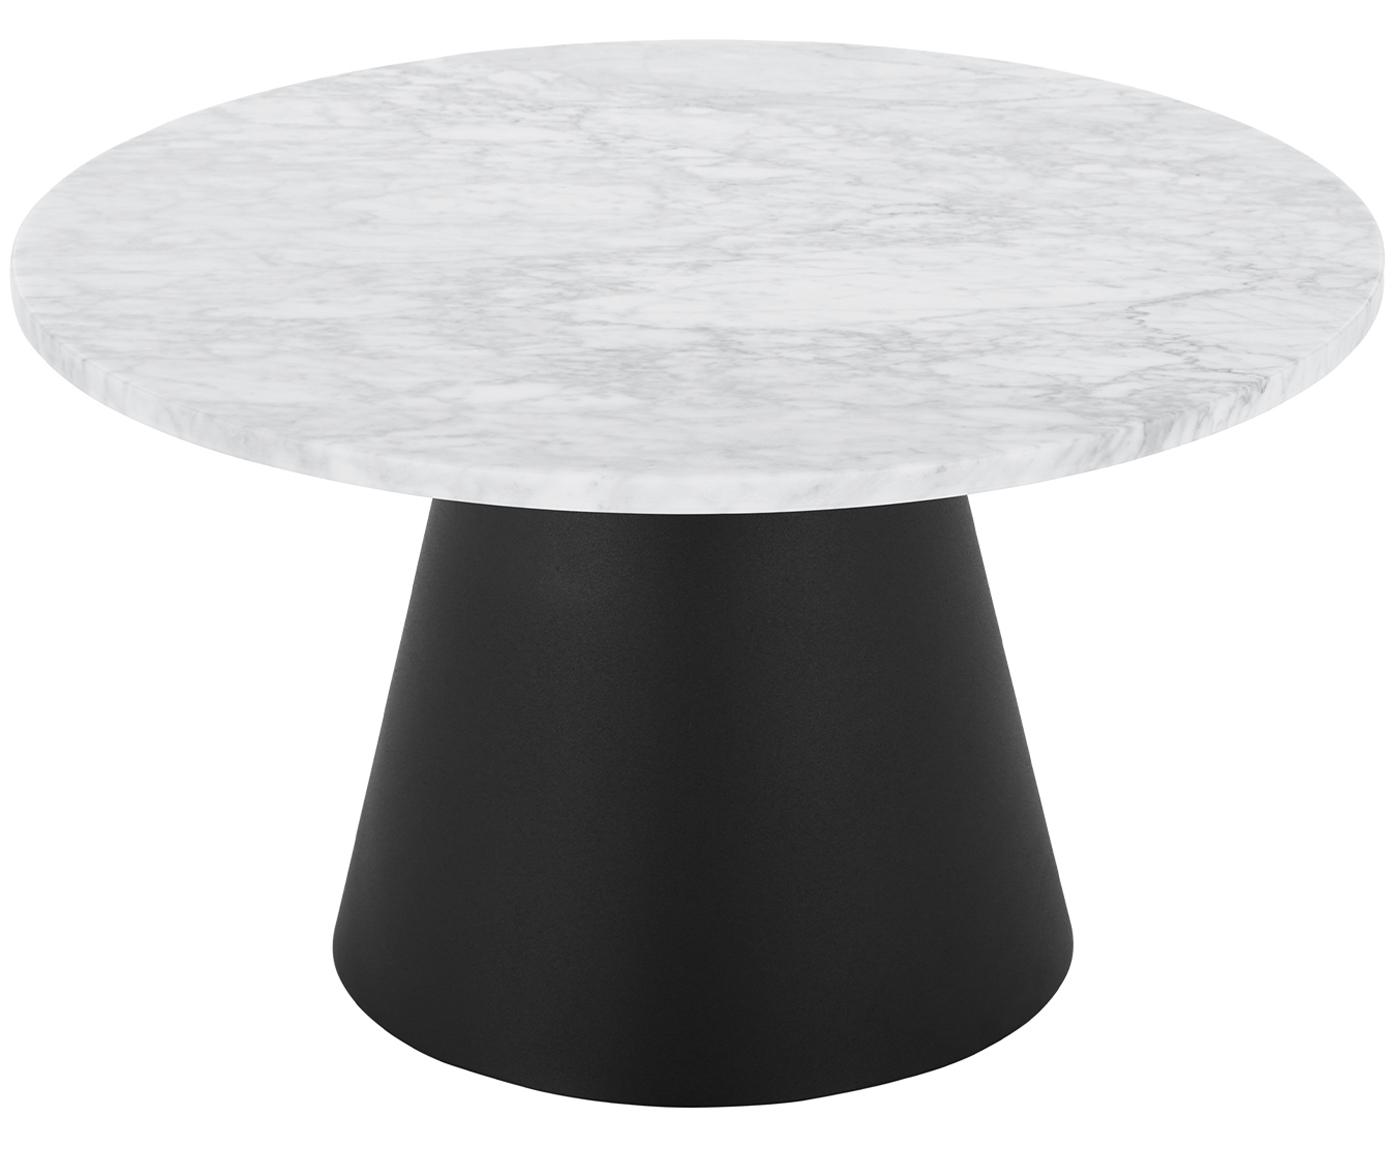 Runder Marmor-Couchtisch Mary, Tischplatte: Carrara-Marmor, Gestell: Metall, beschichtet, Weiß-grauer Marmor, Schwarz, ∅ 70 x H 40 cm